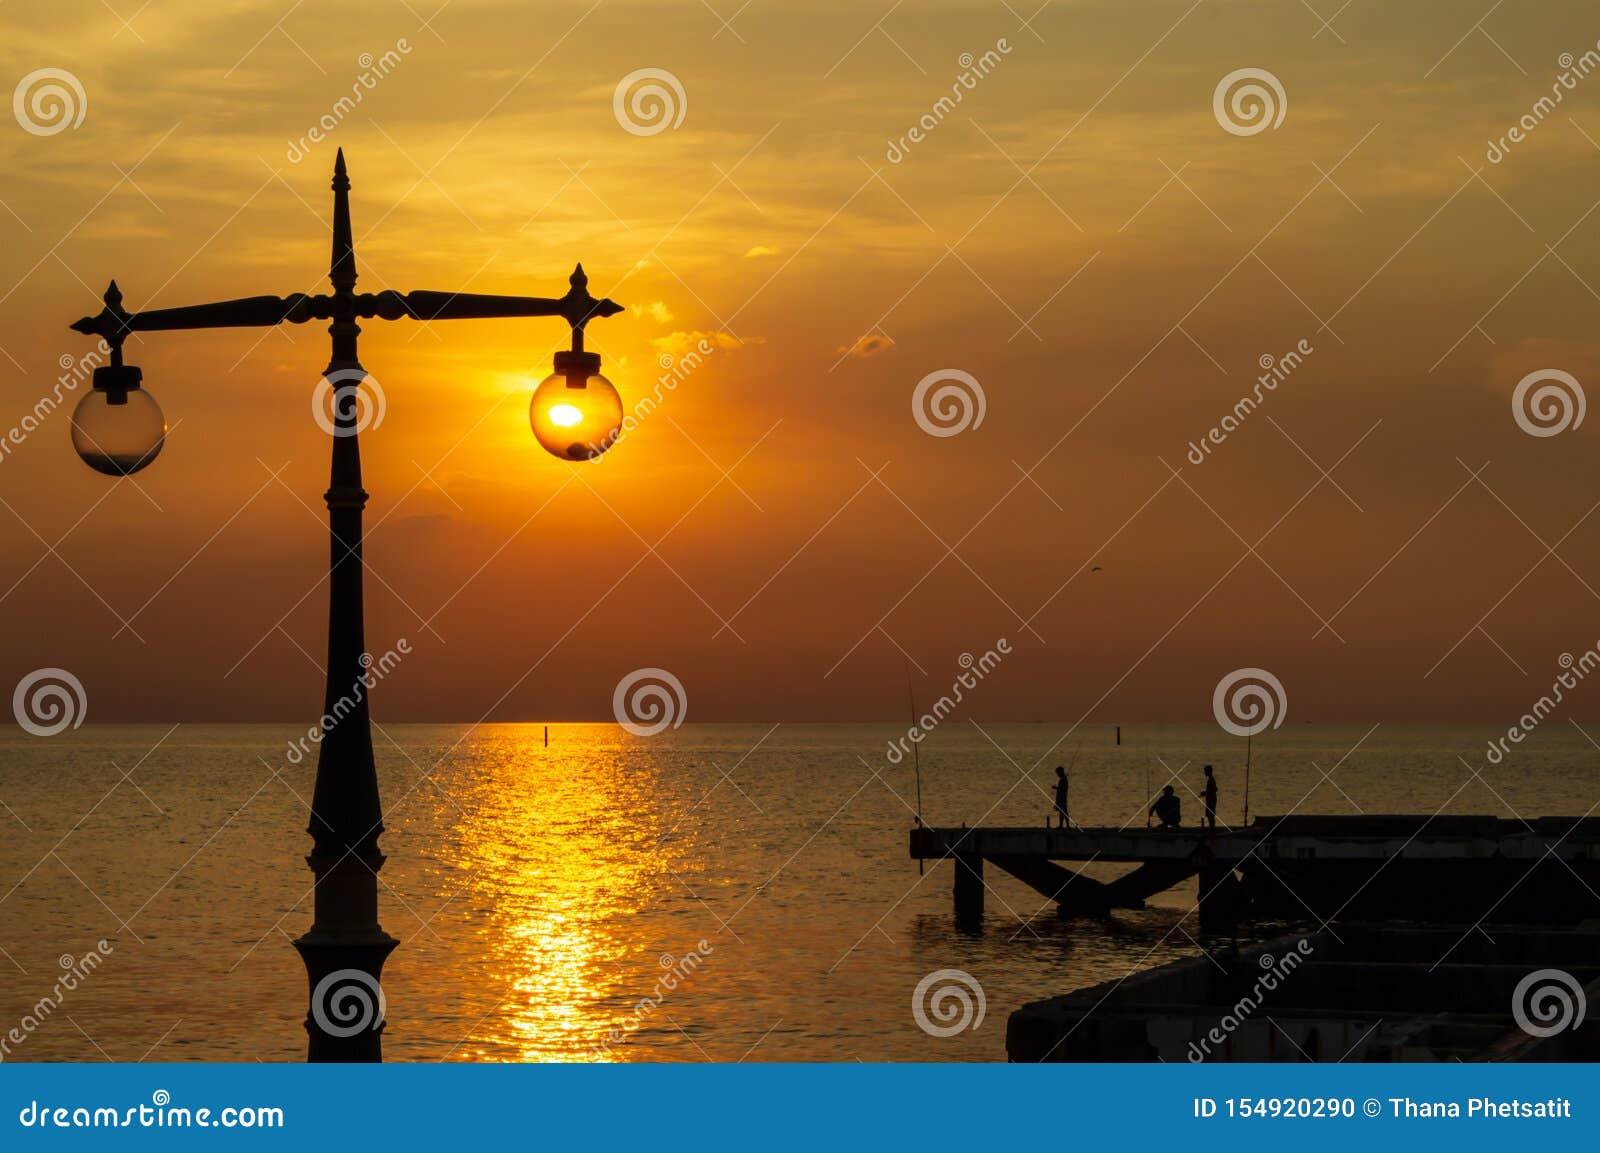 Vals licht van de strandlamp